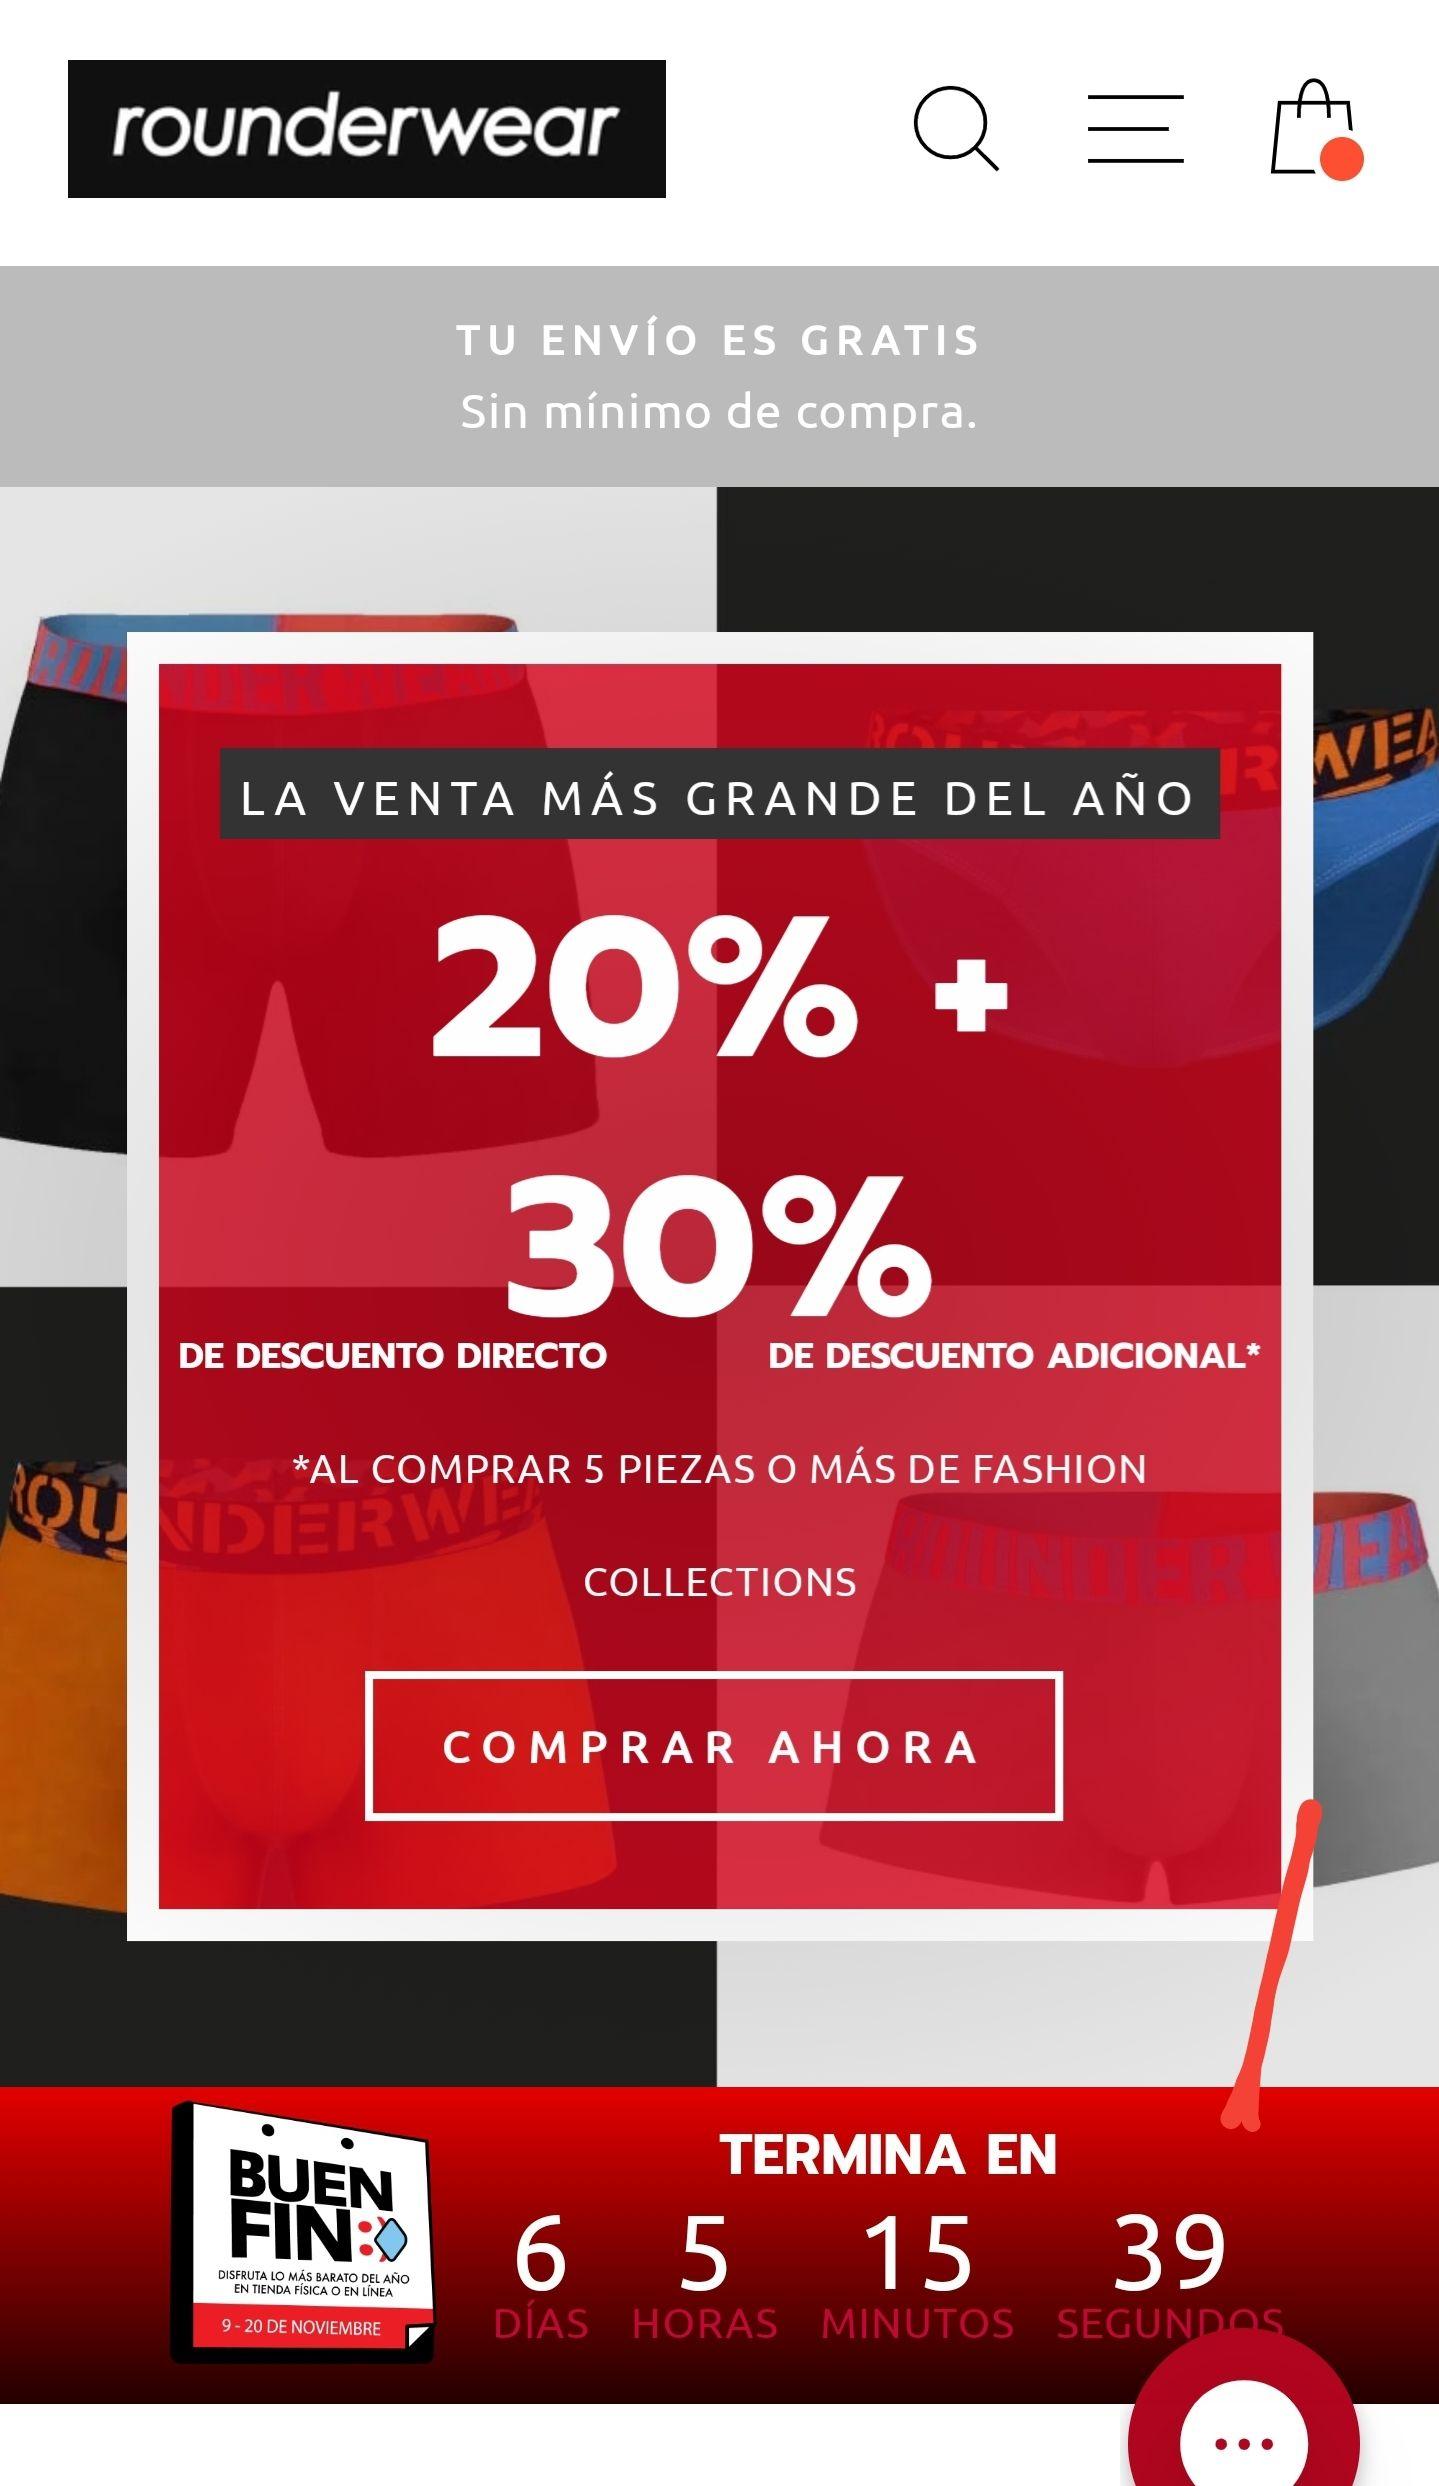 Rounderwear 20% + 30% de descuento adicional*